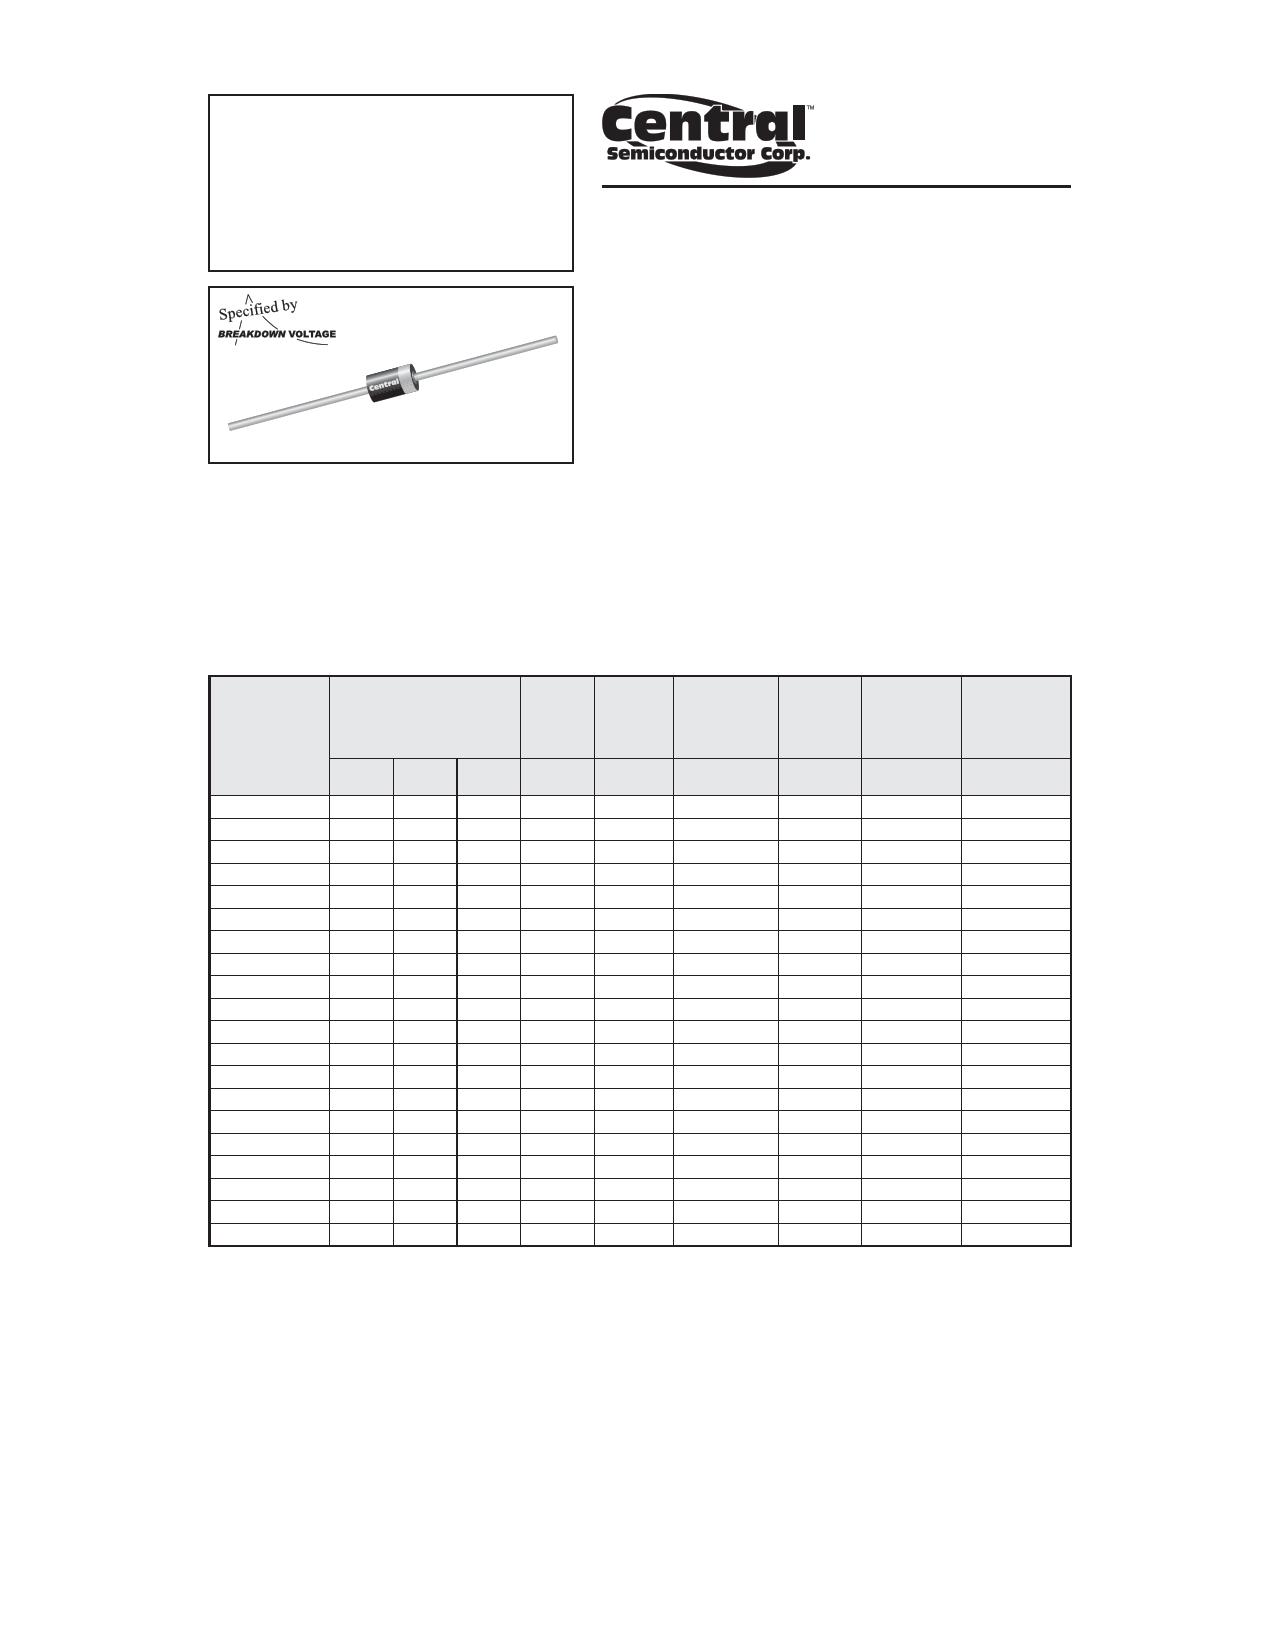 1.5CE10A Hoja de datos, Descripción, Manual